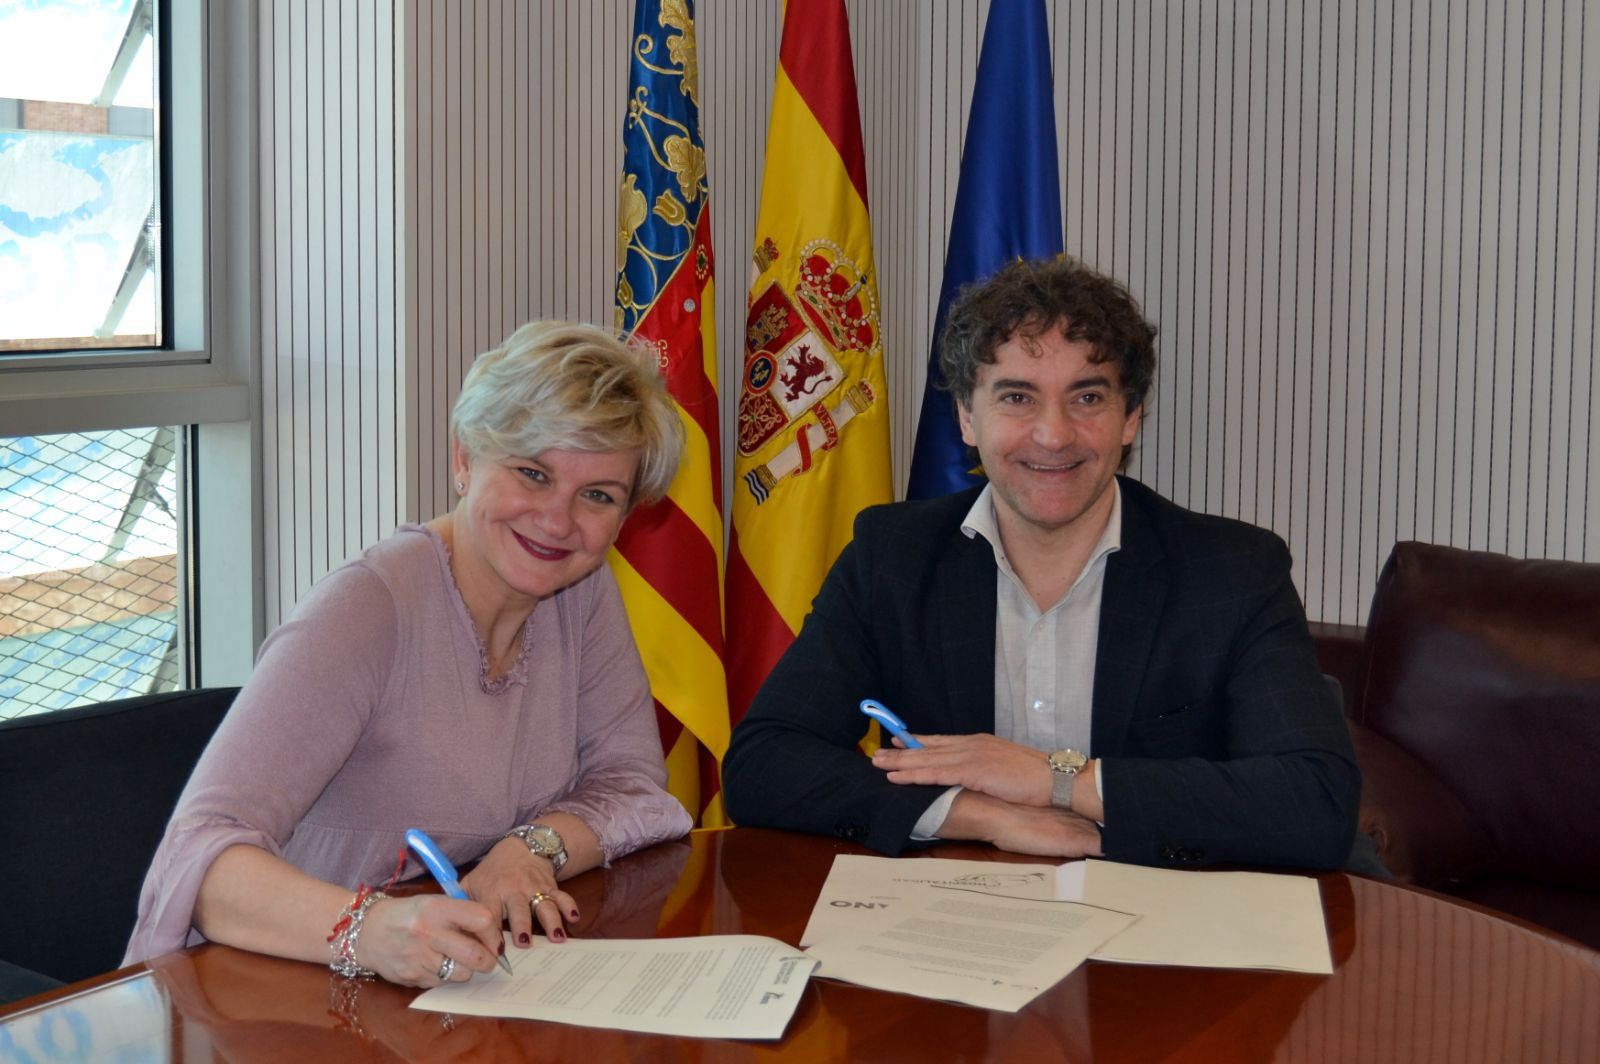 Pilar Moncho y Francesc Colomer firman la adhesión del Patronat de Turisme de València al Código Ético Mundial del Turismo.